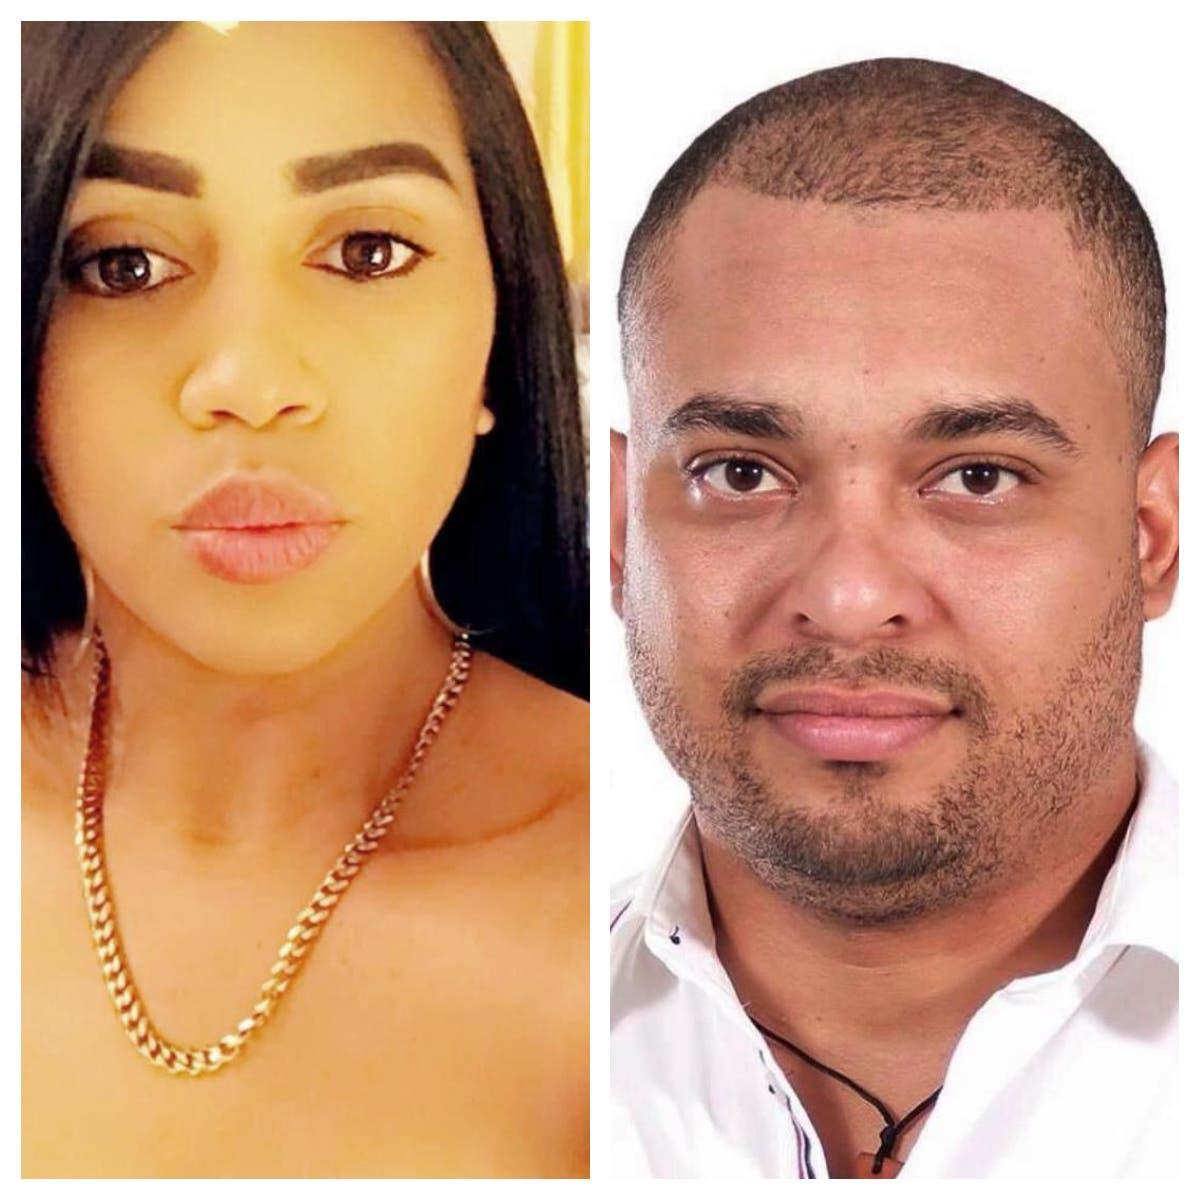 Los fallecidos fueron identificados como Keila Landibel Romero Arias y Ramón Hiraldy Santana.